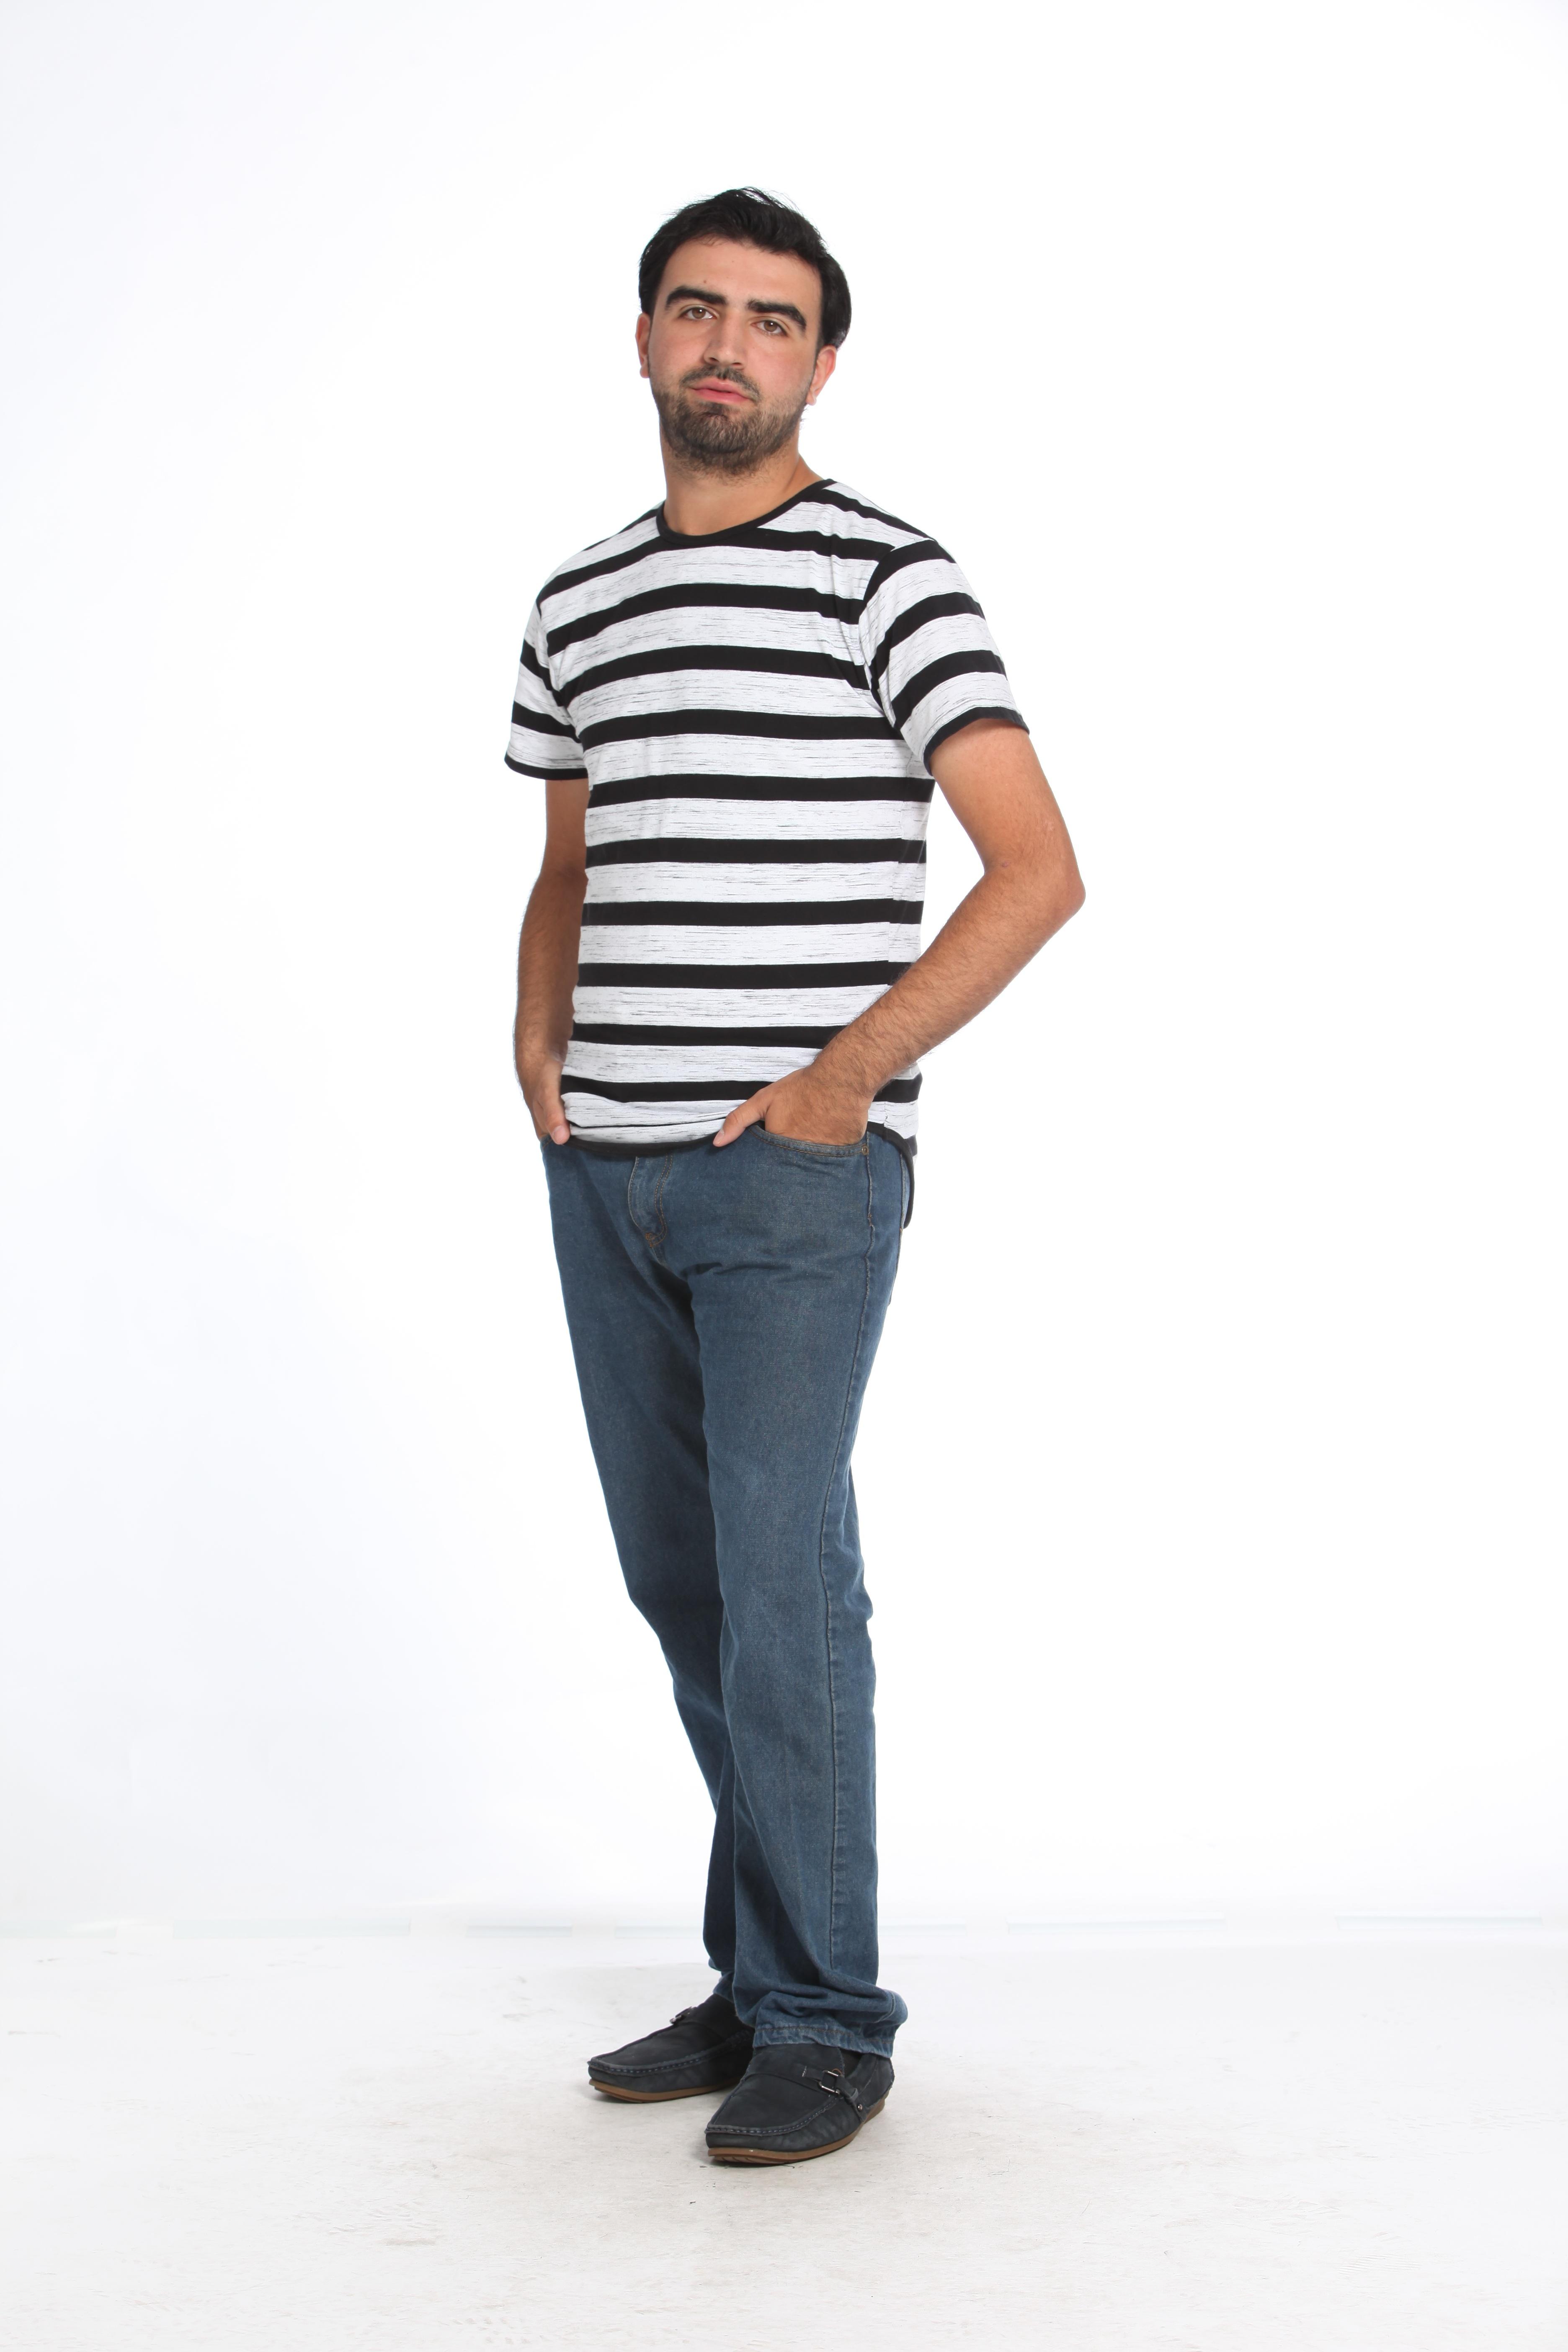 fd0569f55 homem pessoa pessoas fotografia masculino cara padronizar modelo jeans  Primavera profissional roupas agasalhos jeans calçados pose